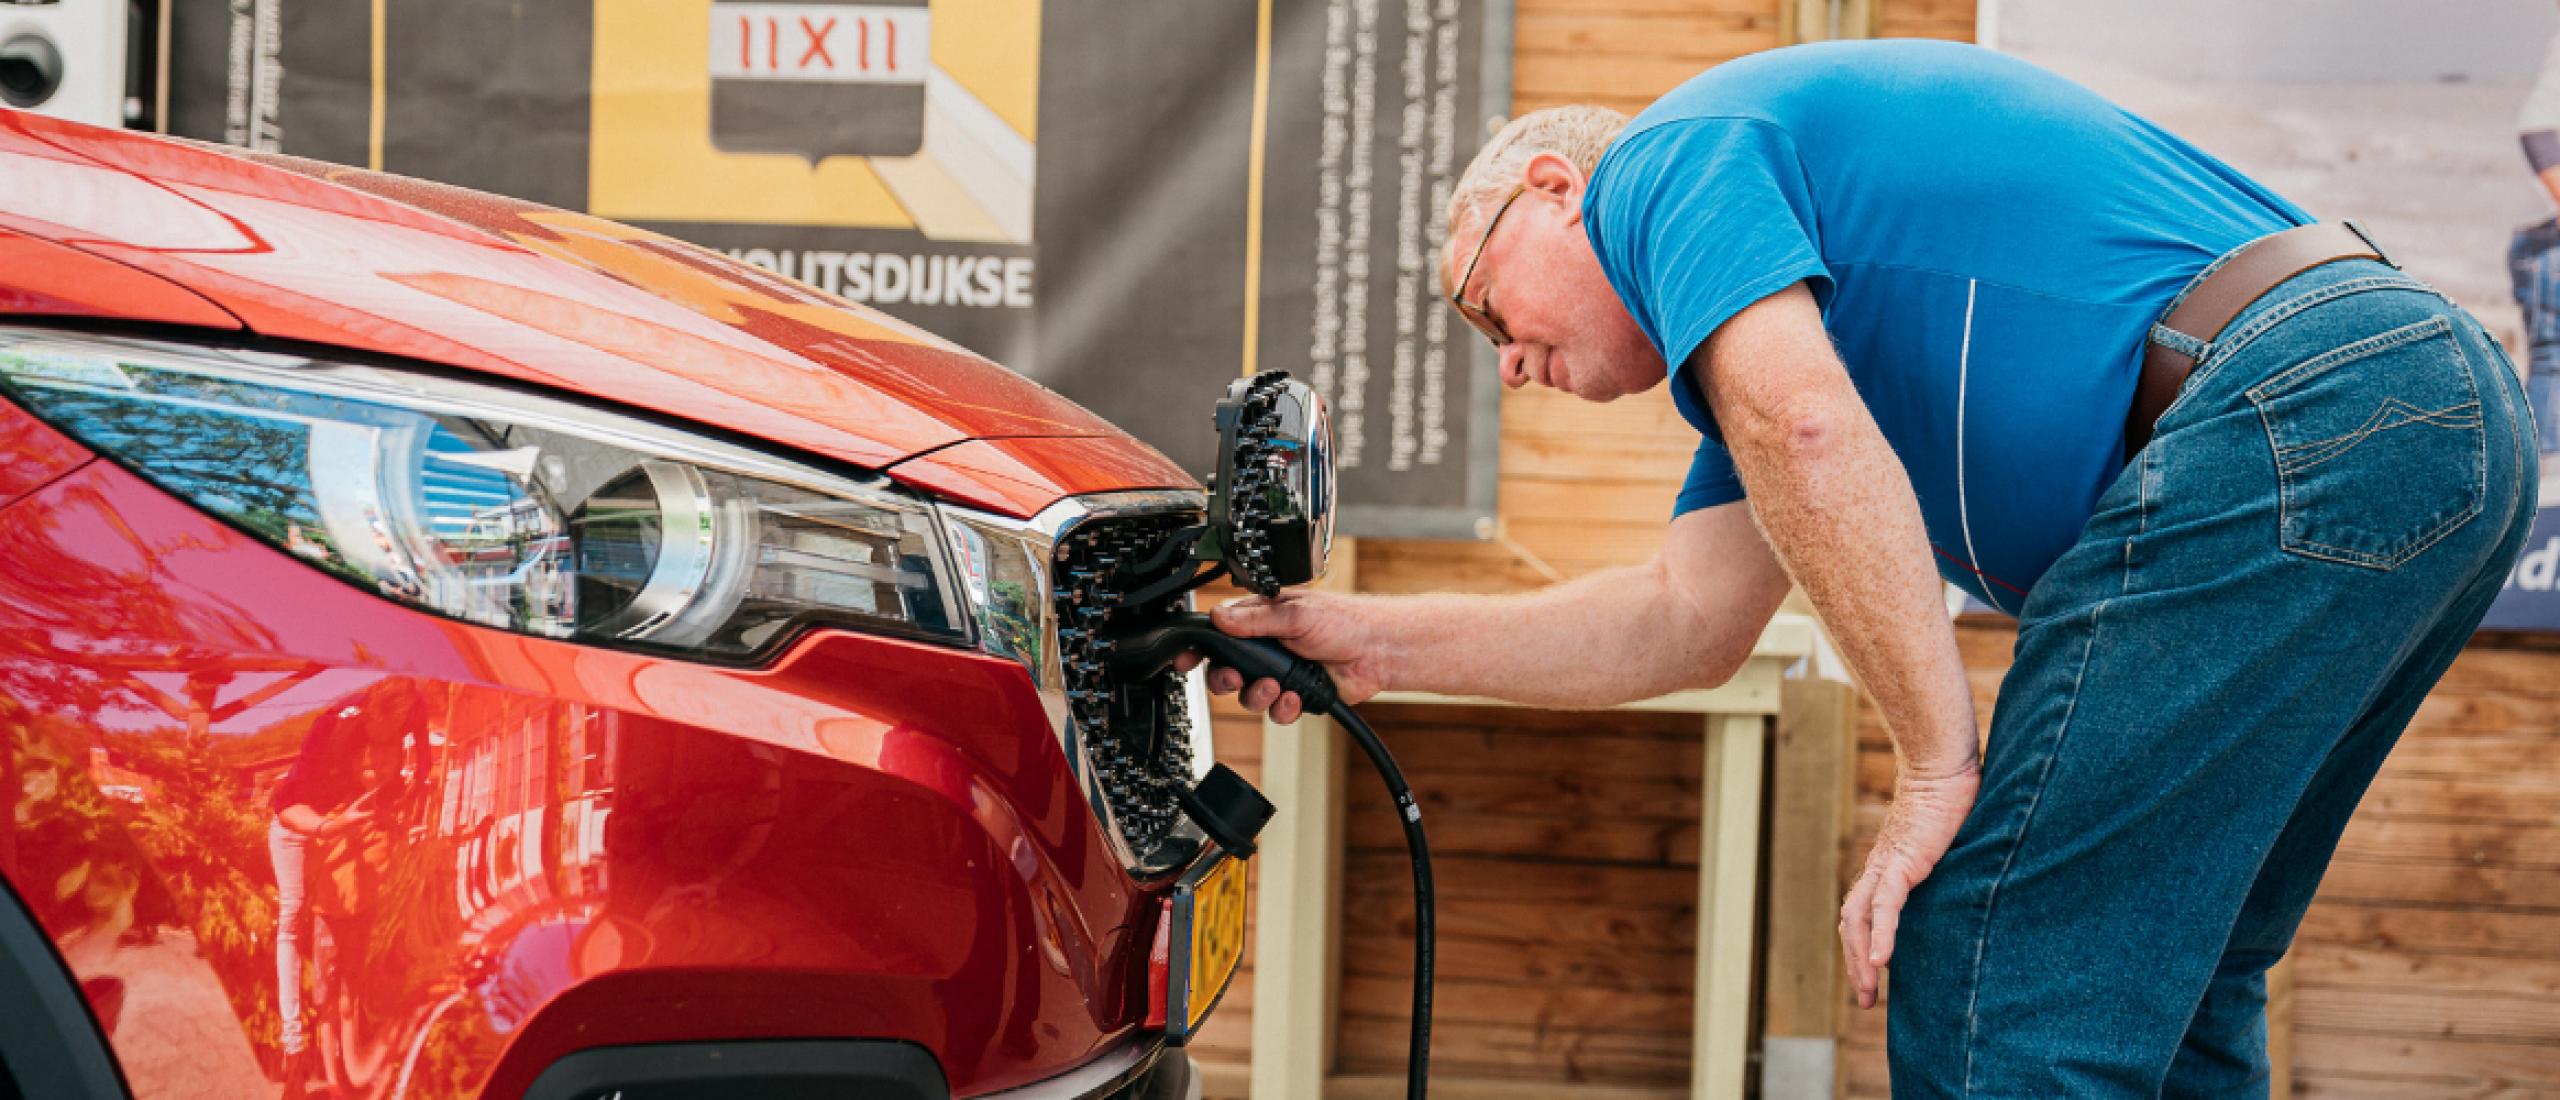 Vijf tips voor lange afstanden met een elektrische auto